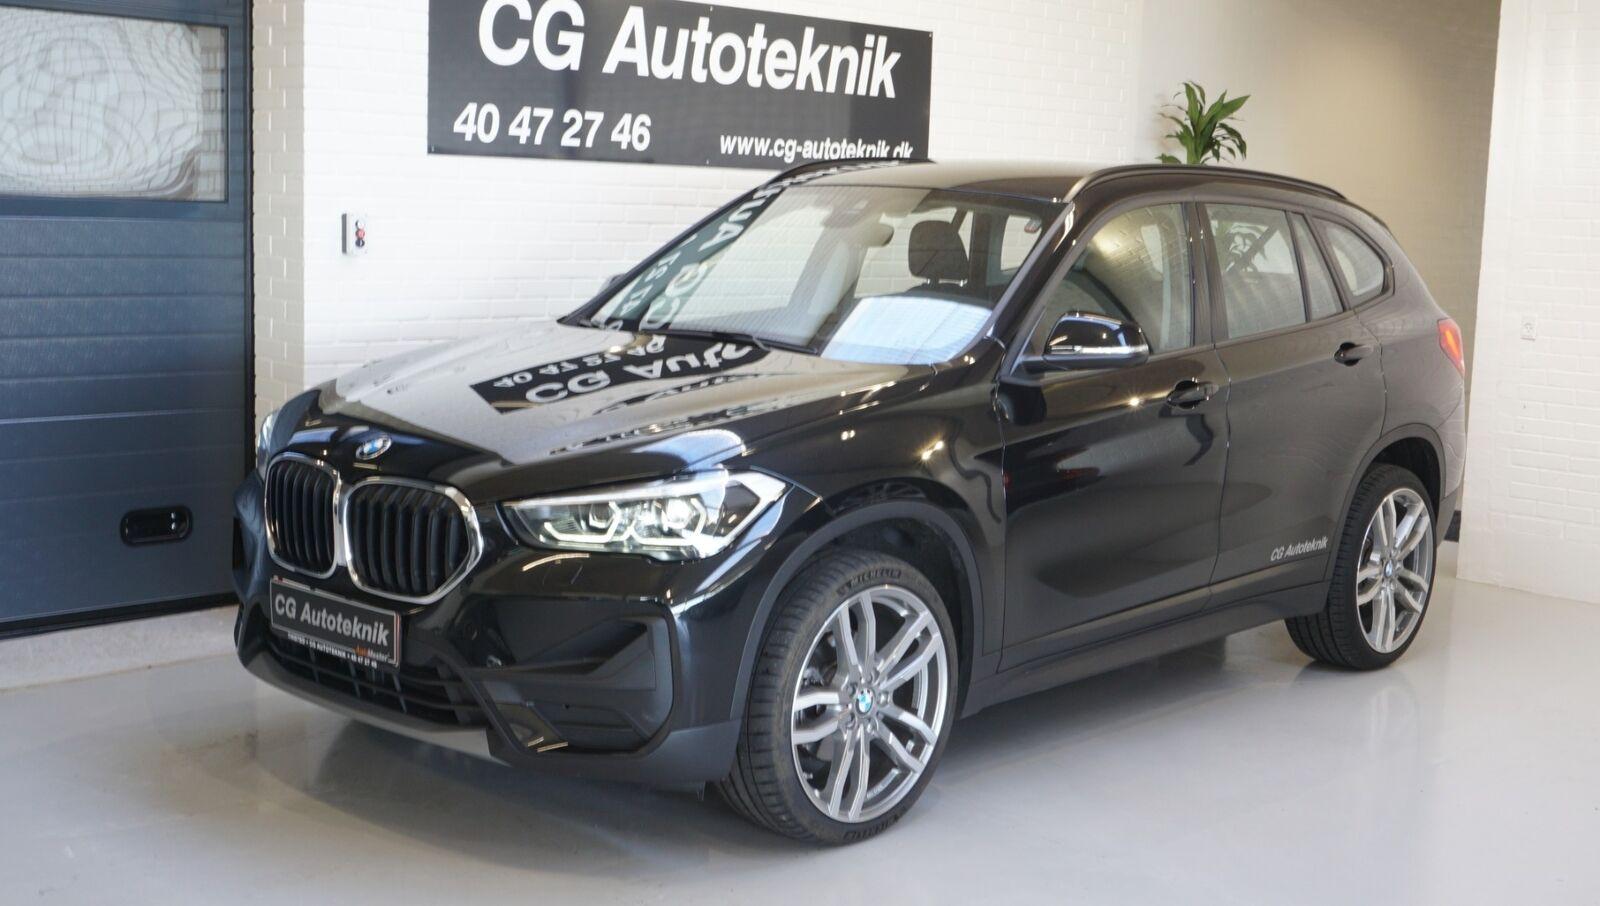 BMW X1 2,0 sDrive18d aut. 5d - 389.900 kr.